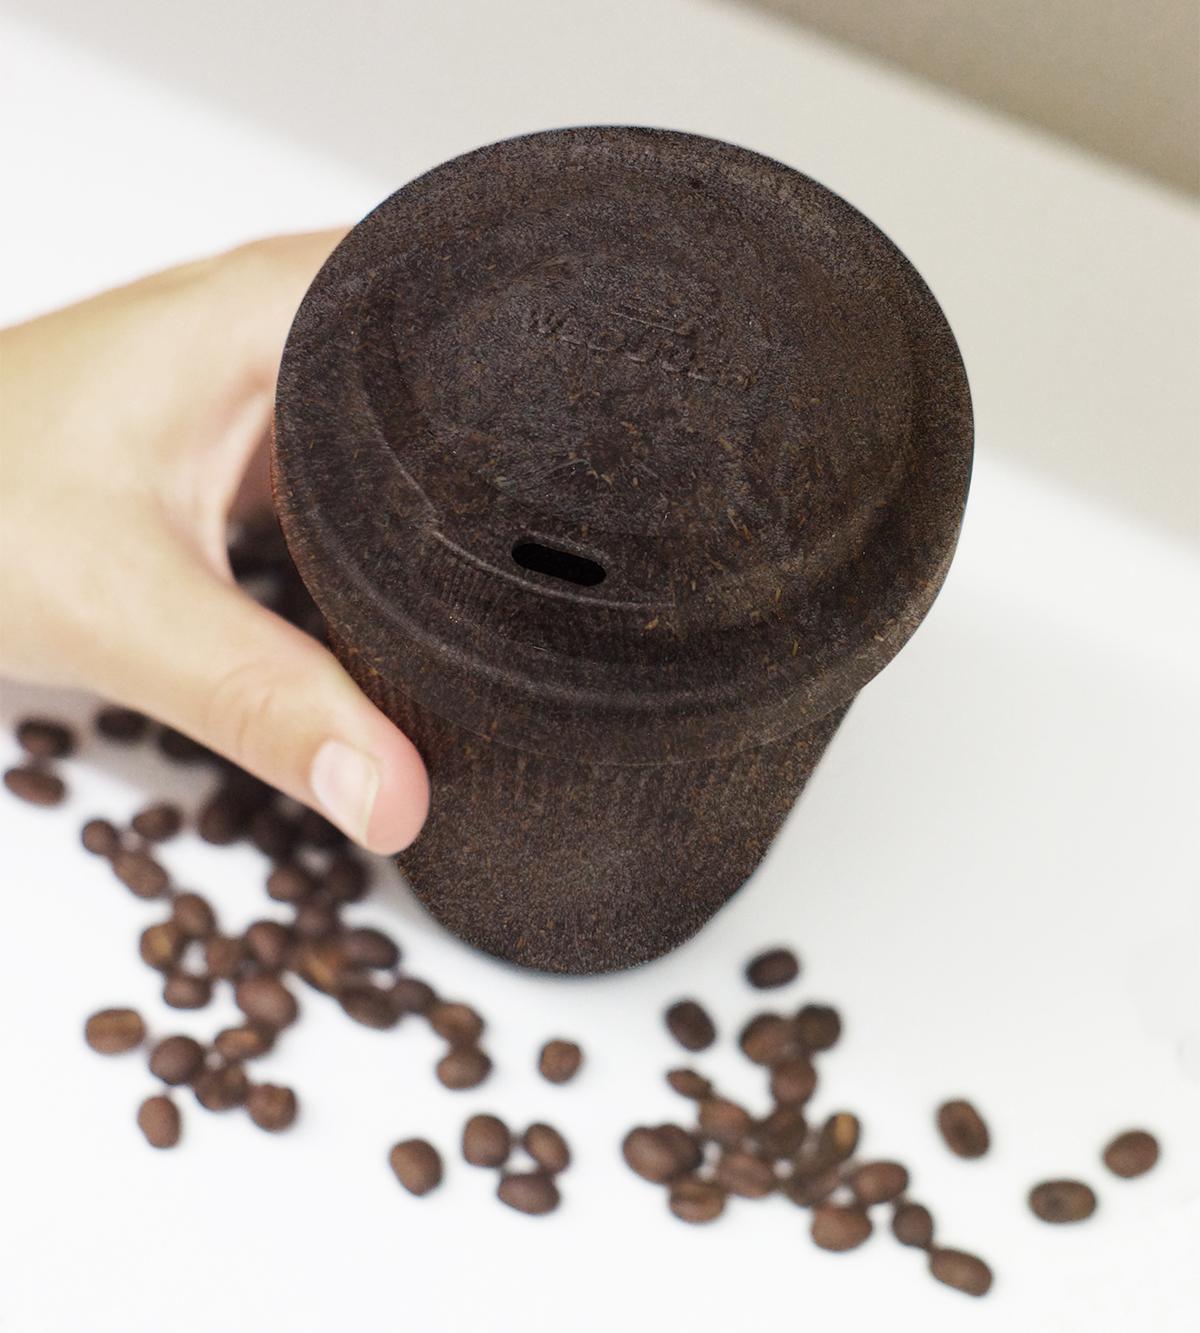 昼寝前のコーヒータイムには、倒してもほとんどこぼれないコーヒーカップ|昼寝の効果を引き出す4つの方法とグッズ5選|NASAも科学的に実証した新習慣の効果とは